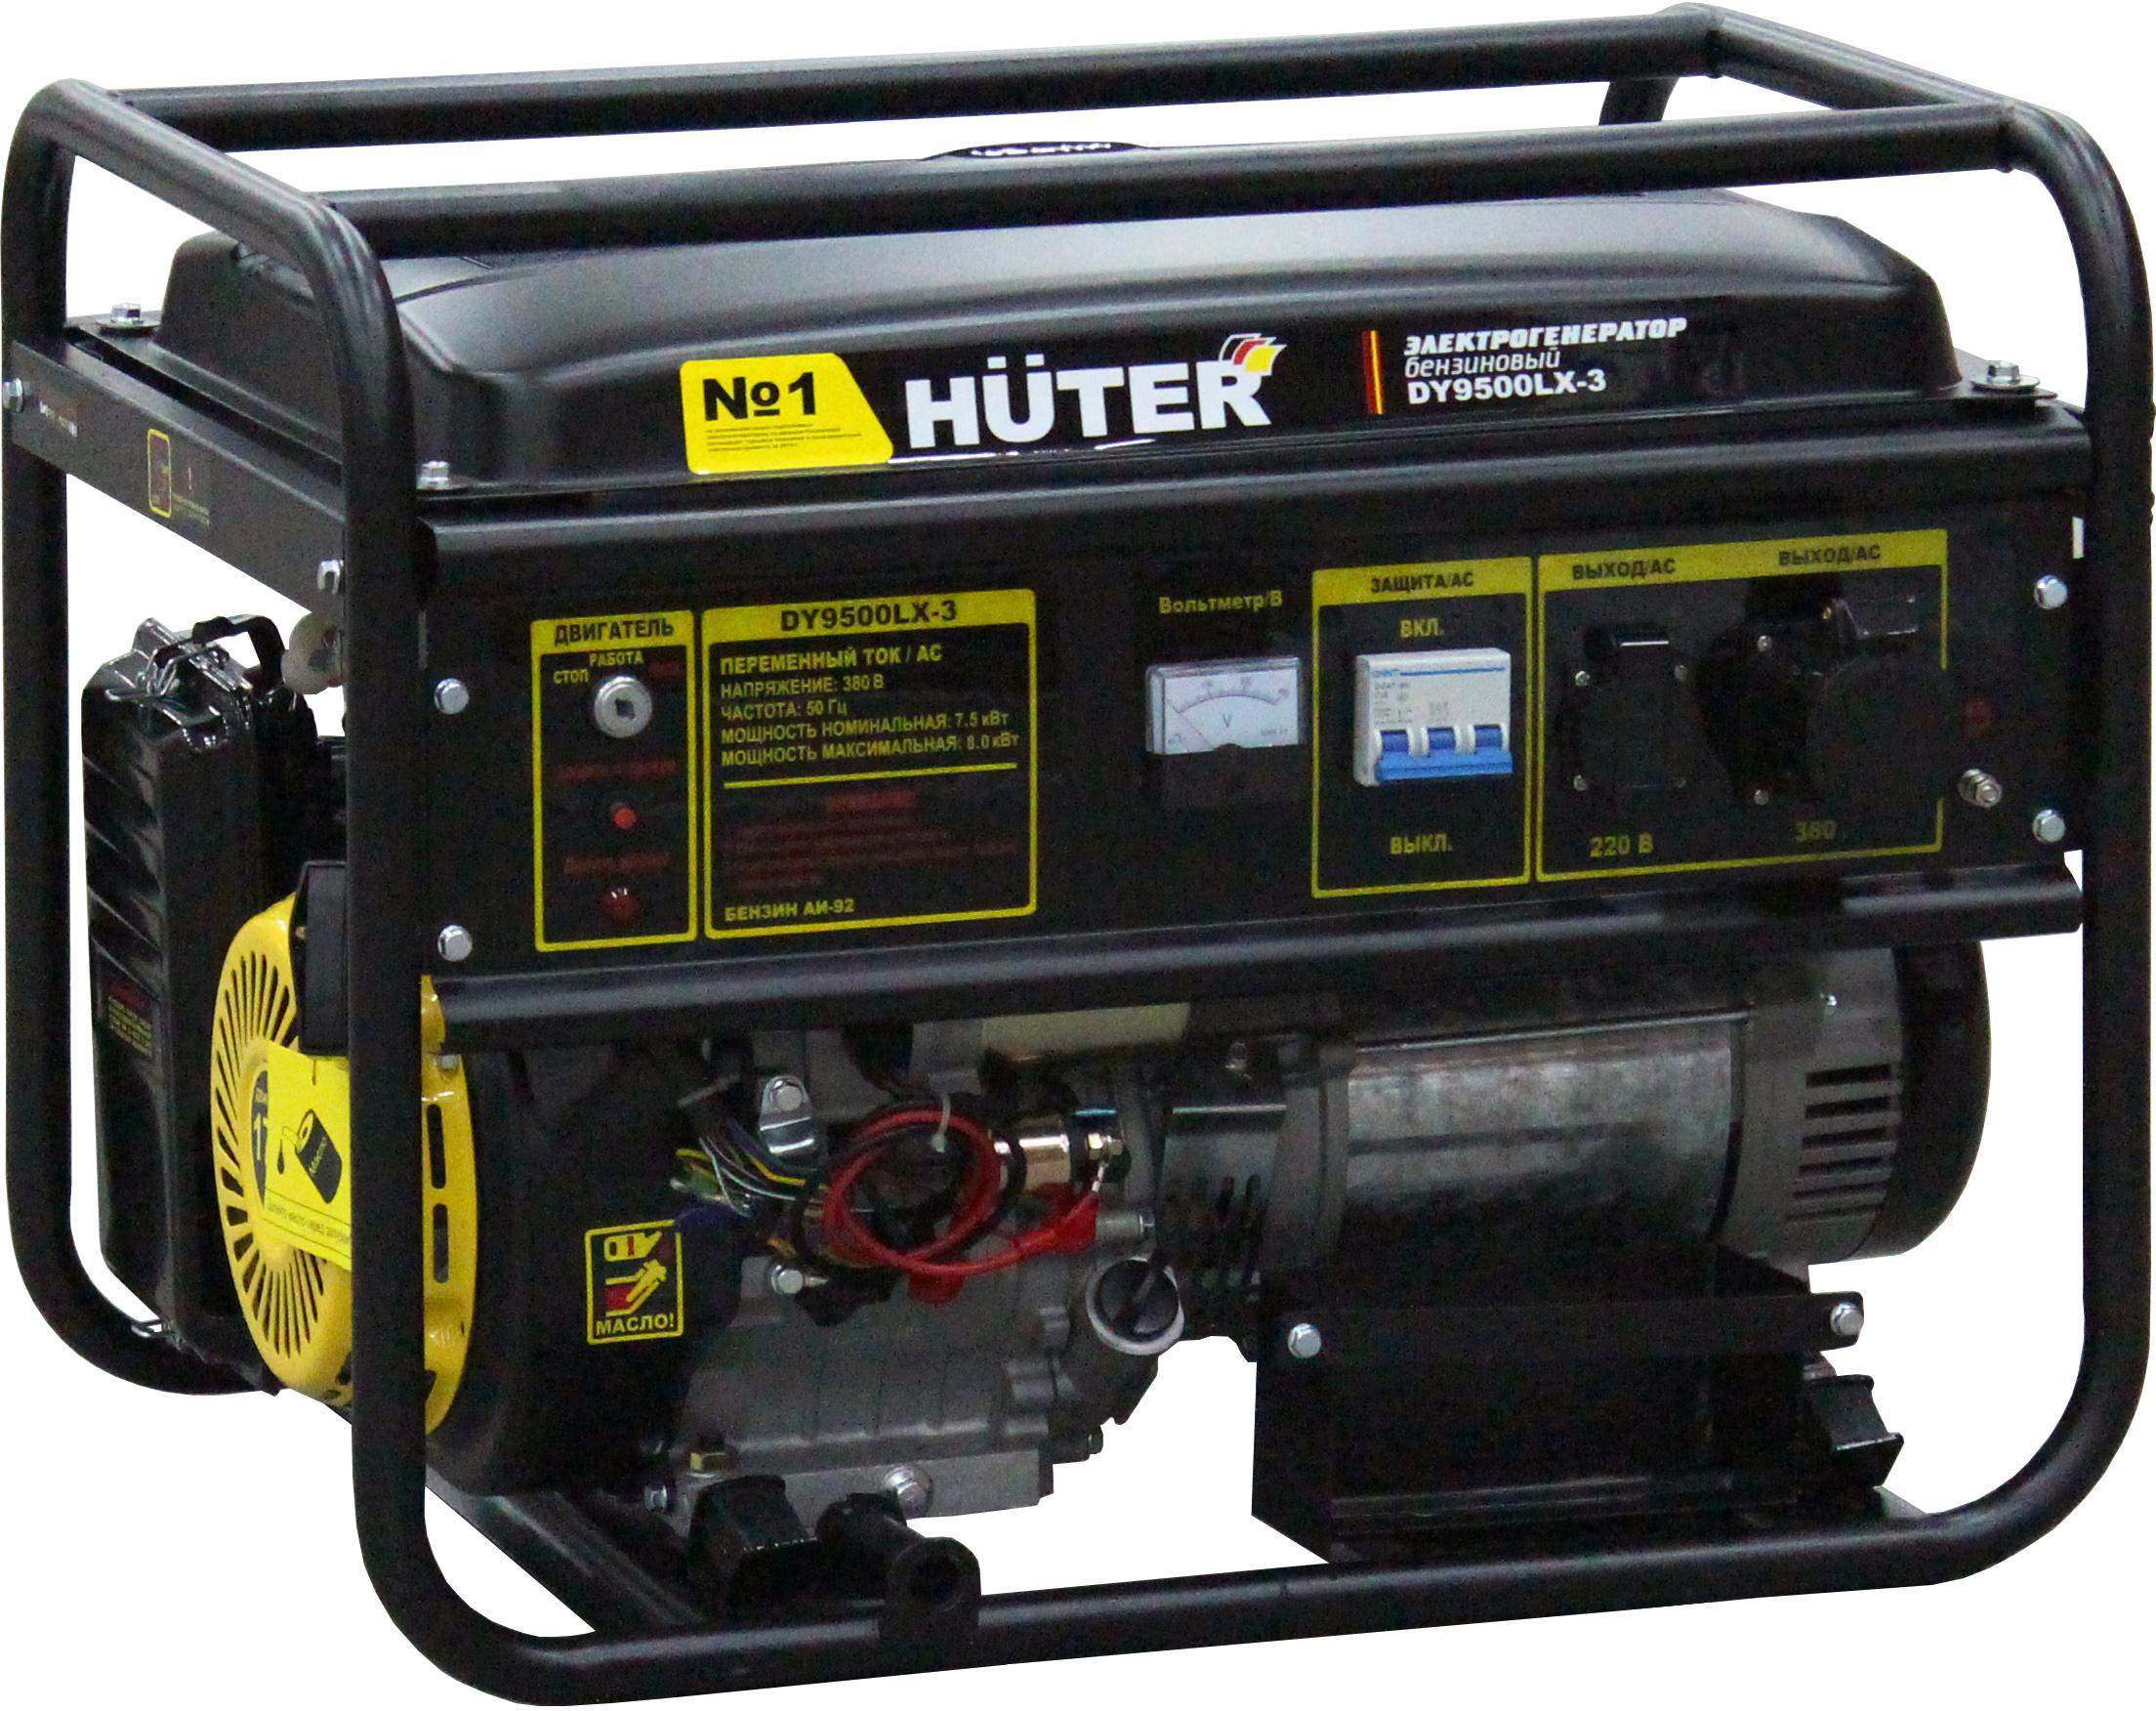 Бензиновый генератор Huter Dy9500lx-3.